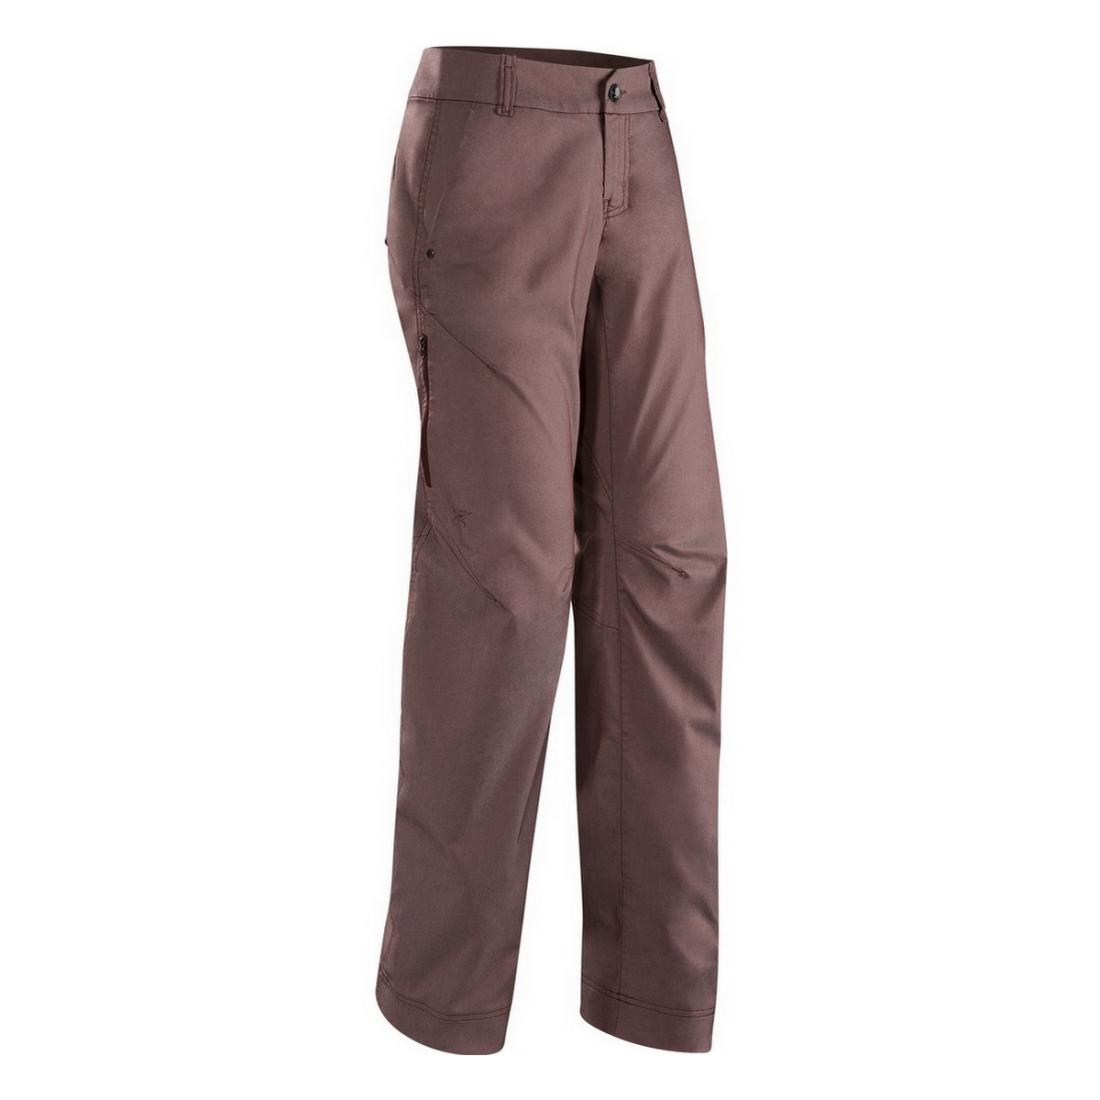 Брюки A2B Commuter Pant жен.Брюки, штаны<br><br><br><br> Женские брюки Arcteryx A2B Commuter Pant Womens – идеальный вариант для велосипедисток, а также они подходят для путешествий и повседневной нос...<br><br>Цвет: Коричневый<br>Размер: 10